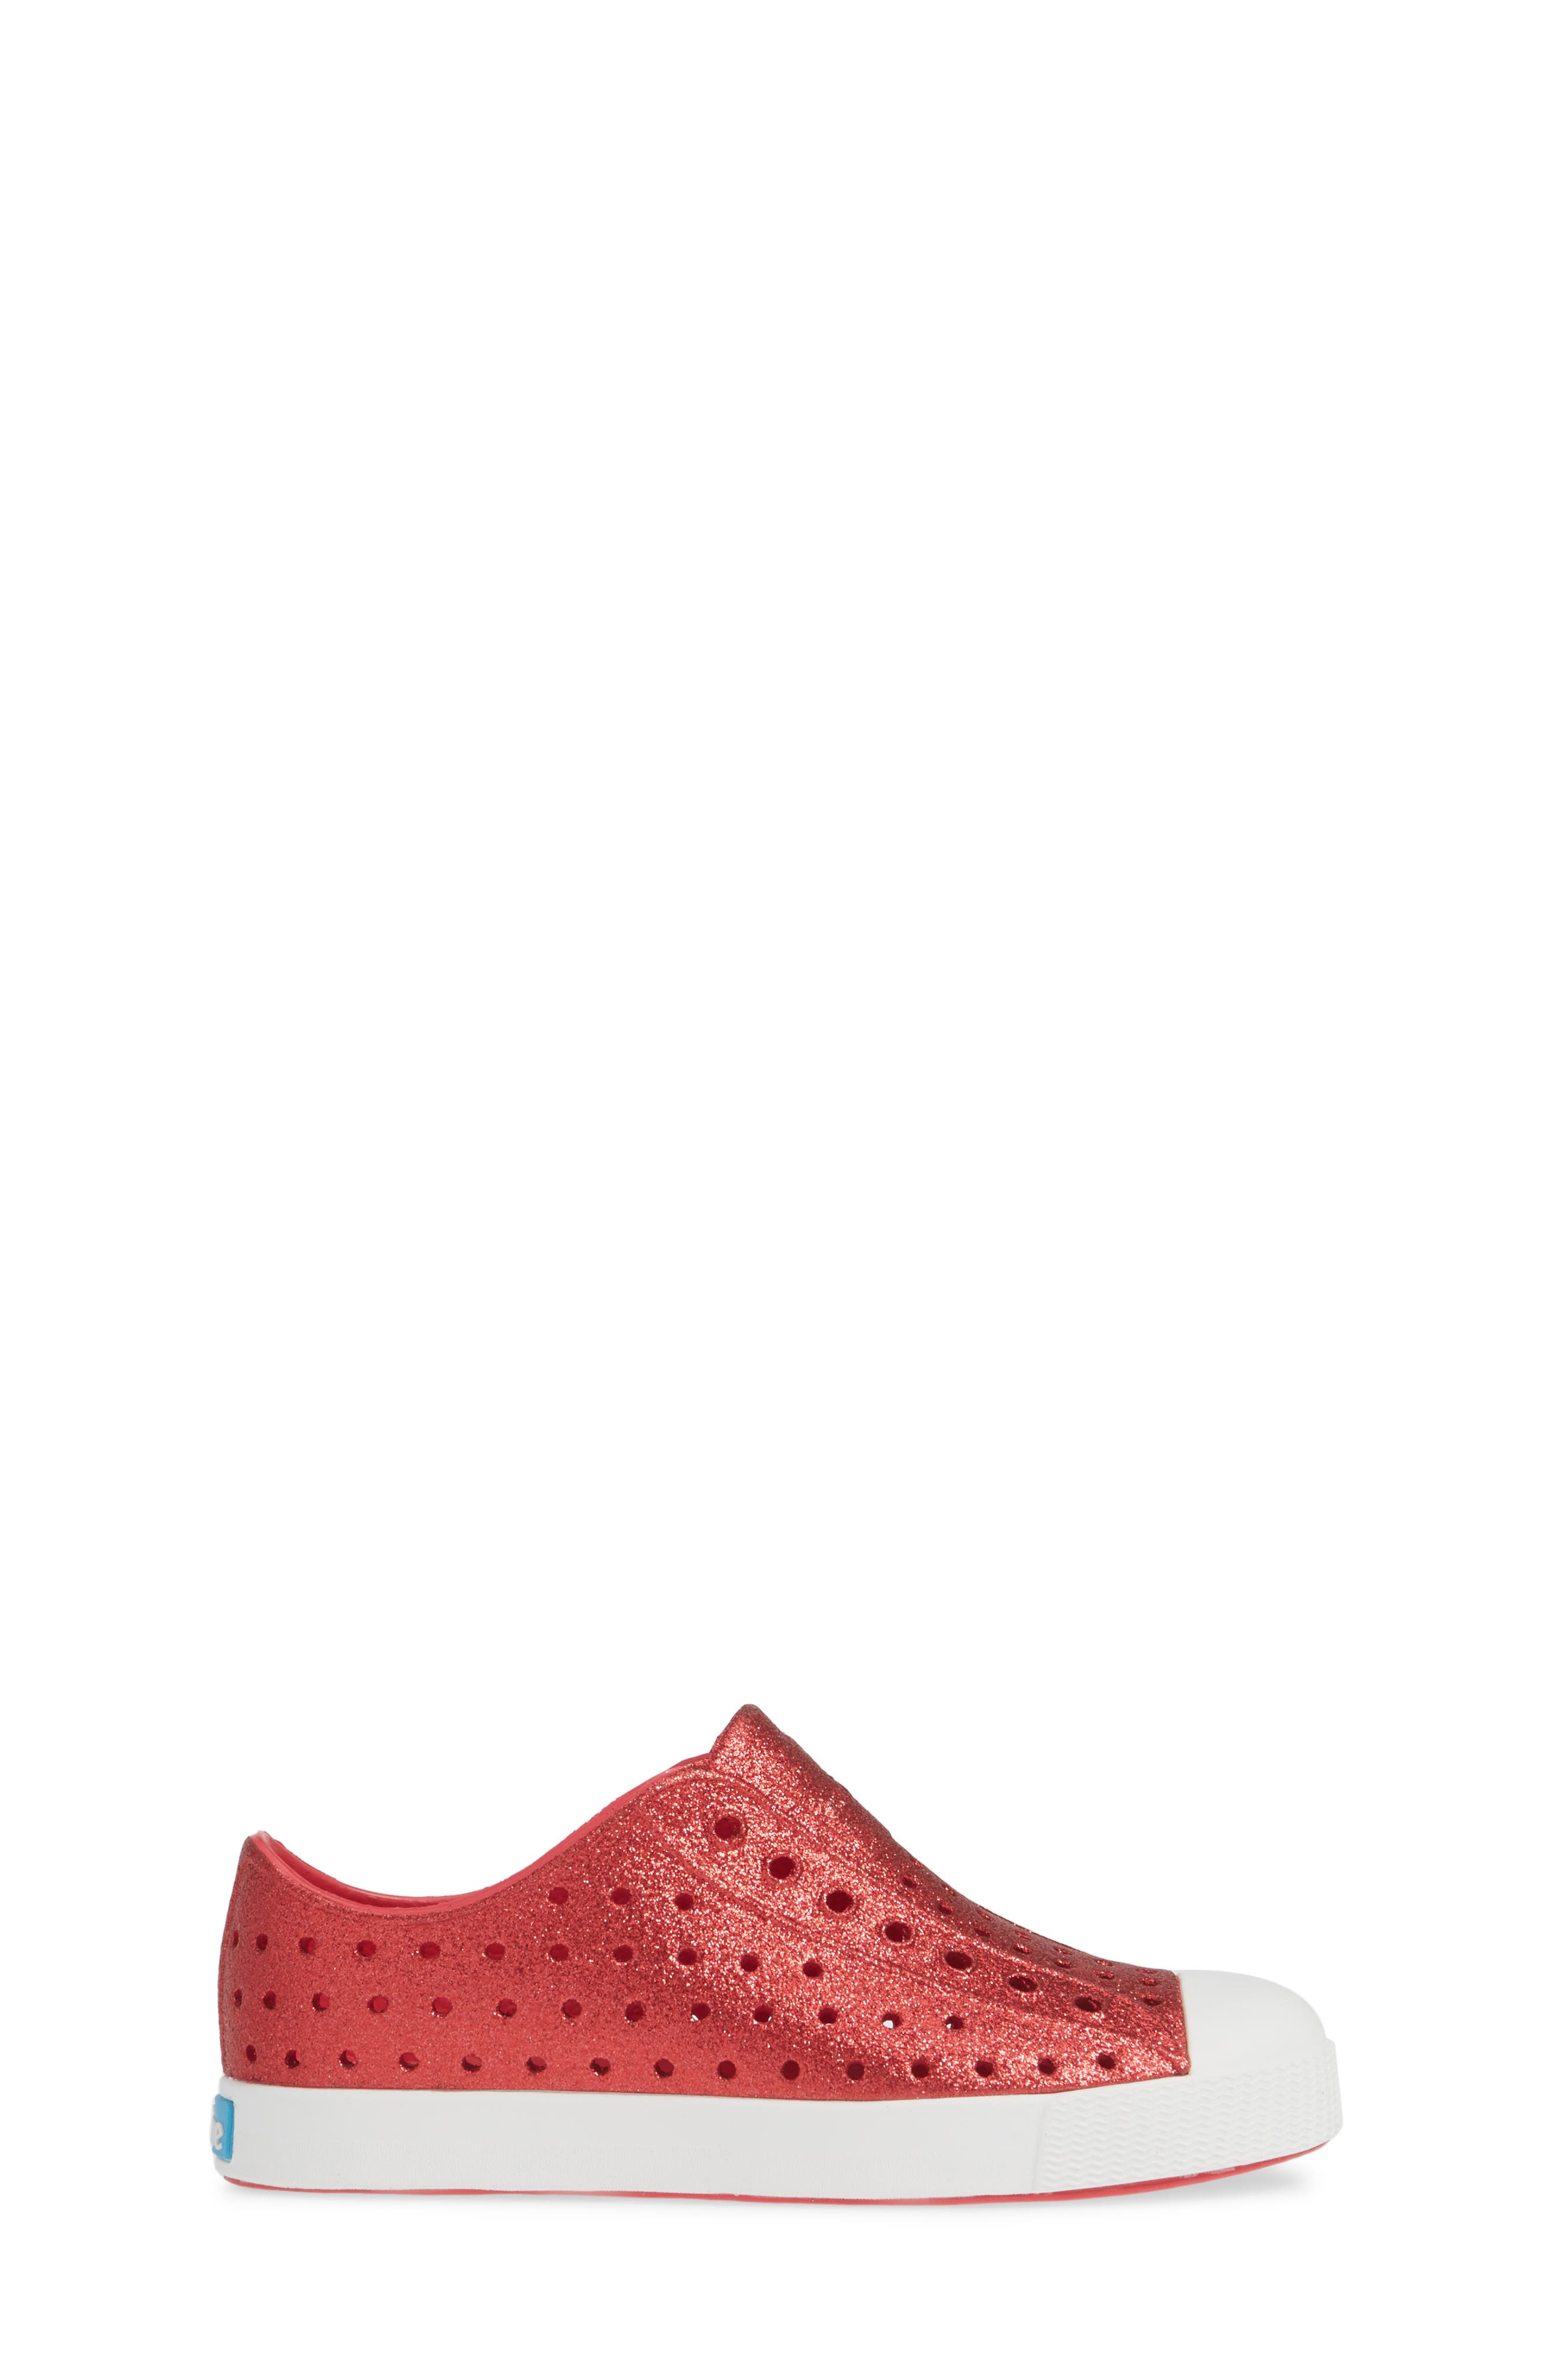 NATIVE SHOES, Jefferson Bling Glitter Slip-On Vegan Sneaker, Alternate thumbnail 3, color, SAKURA BLING/ SHELL WHITE